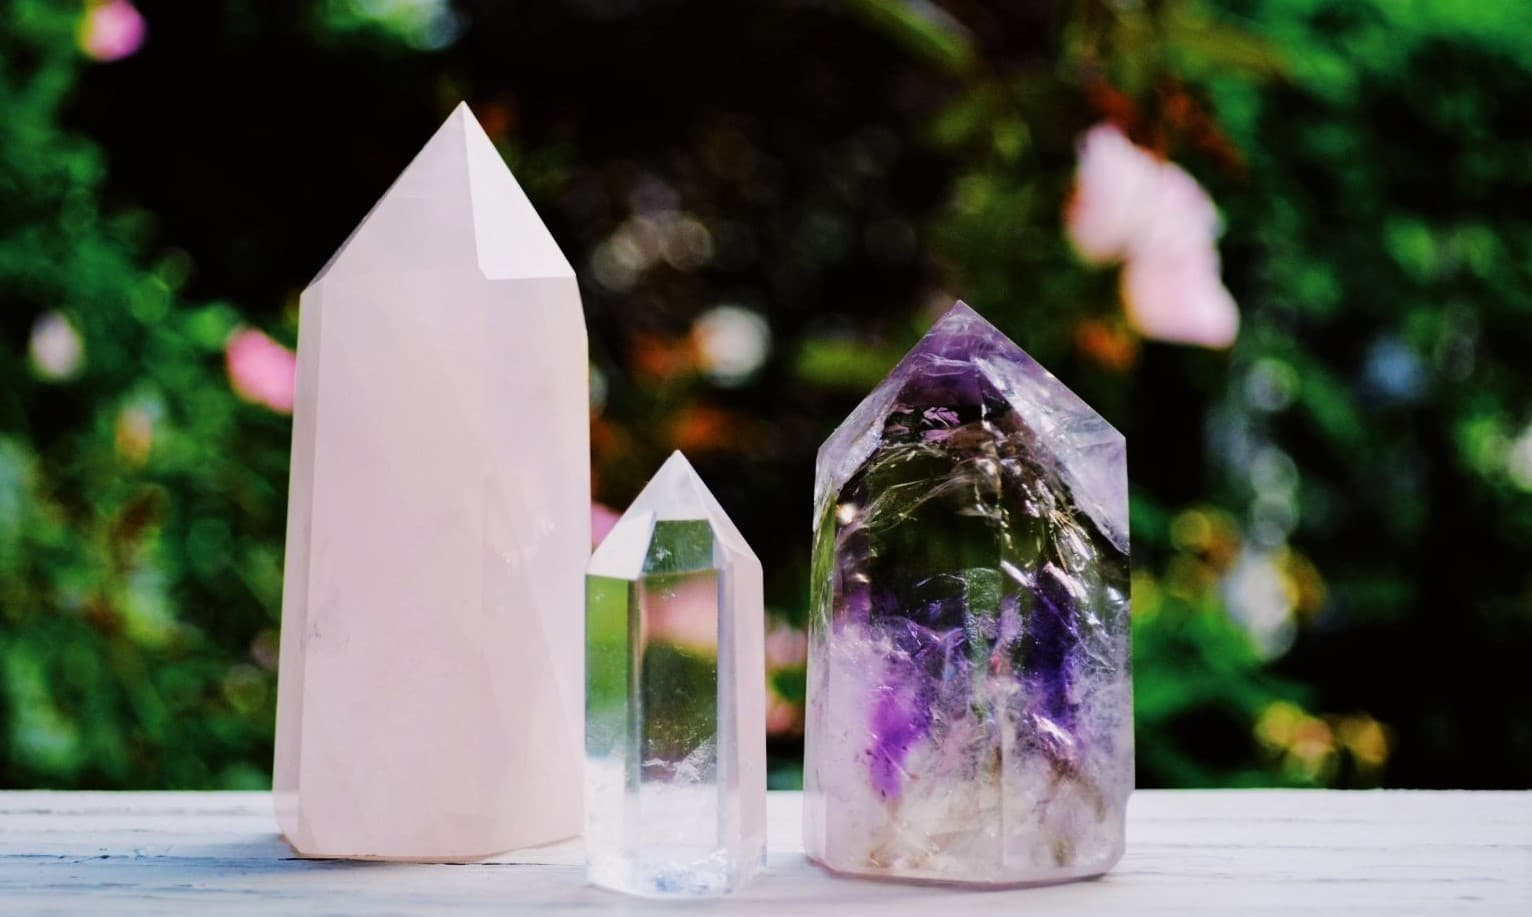 Cristalli e Suoni